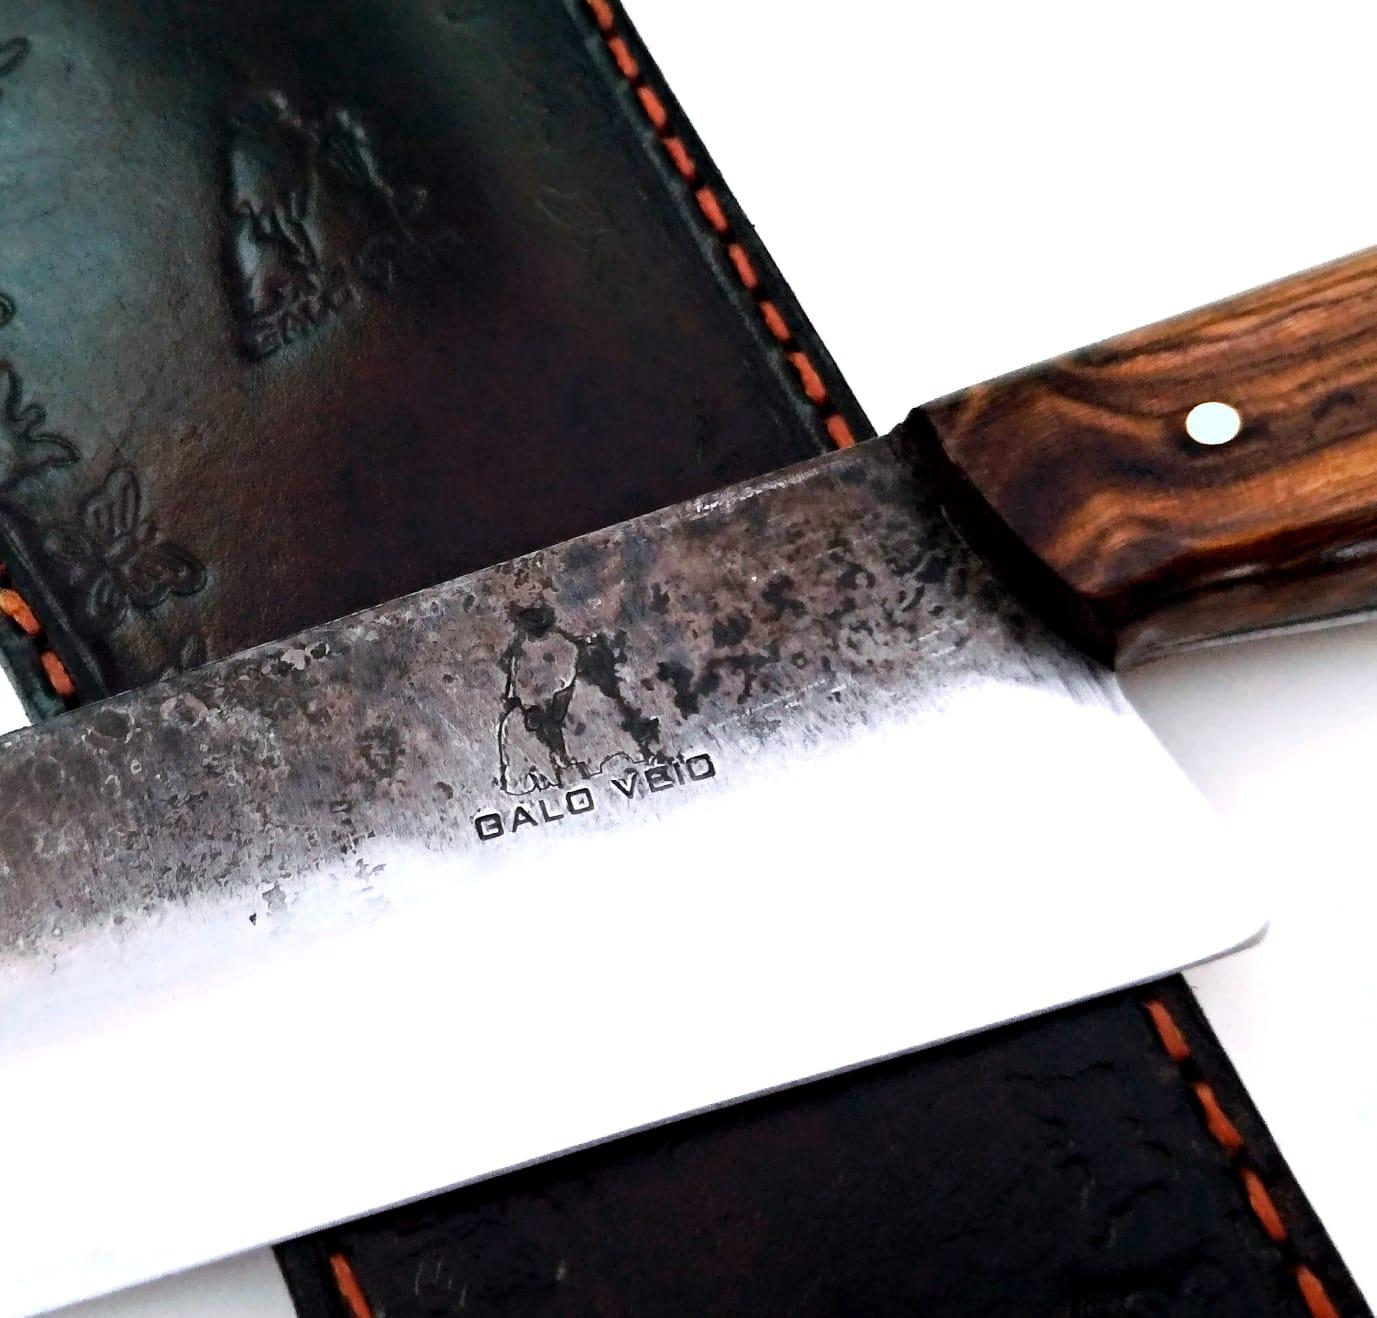 Faca artesanal galo veio de lida aço carbono 12 polegadas